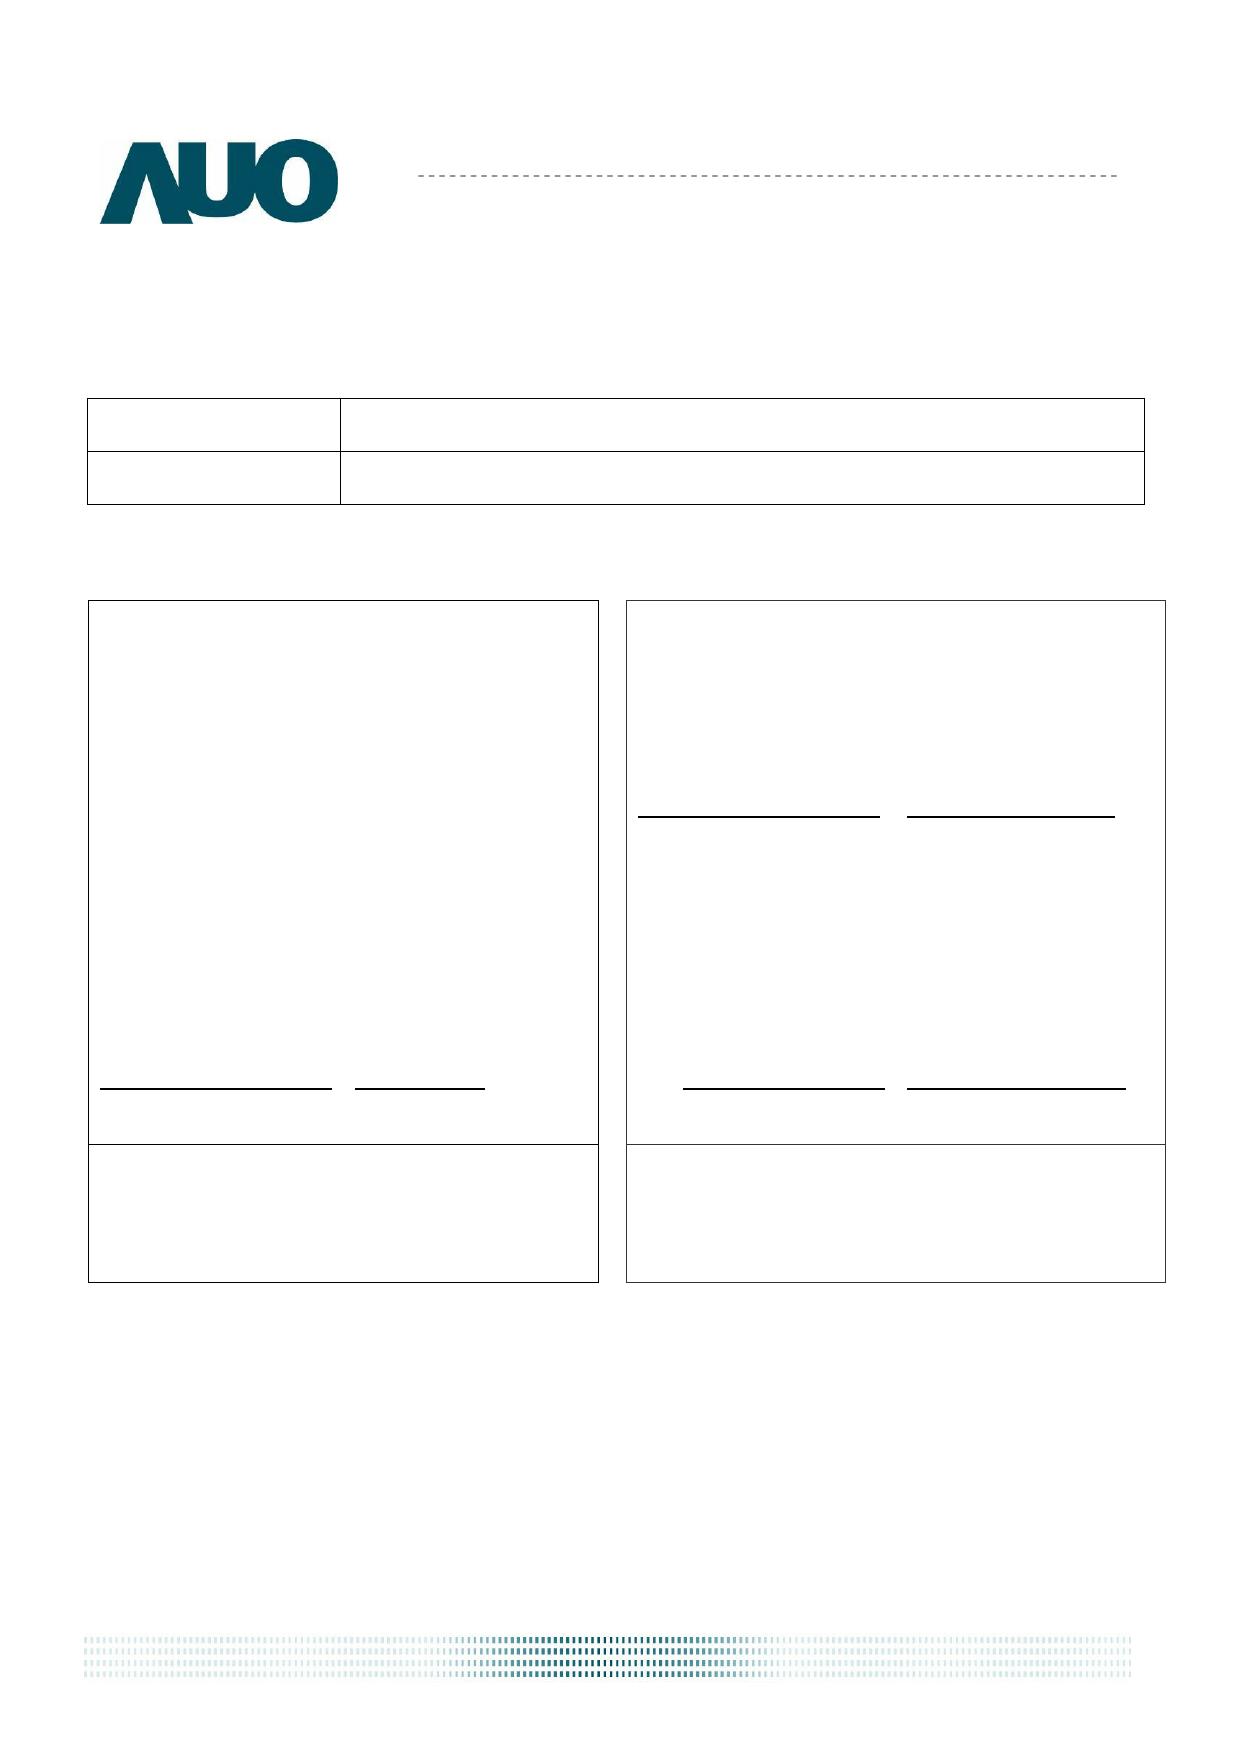 G085VW01_V3 دیتاشیت PDF